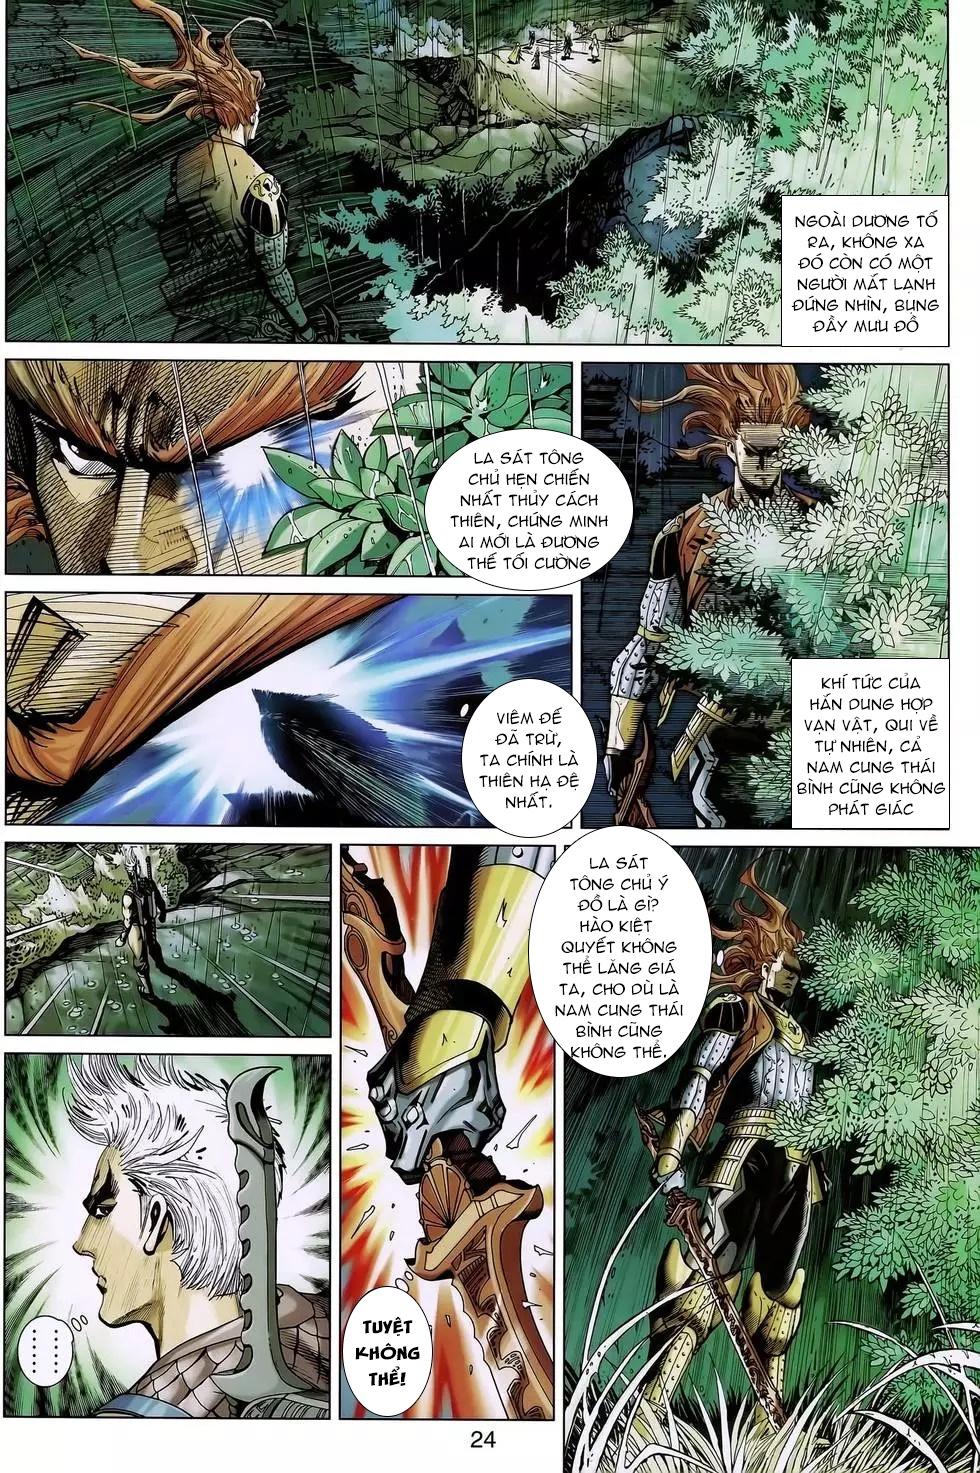 Thần binh huyền kỳ 3 - 3.5 tập 185 - 9